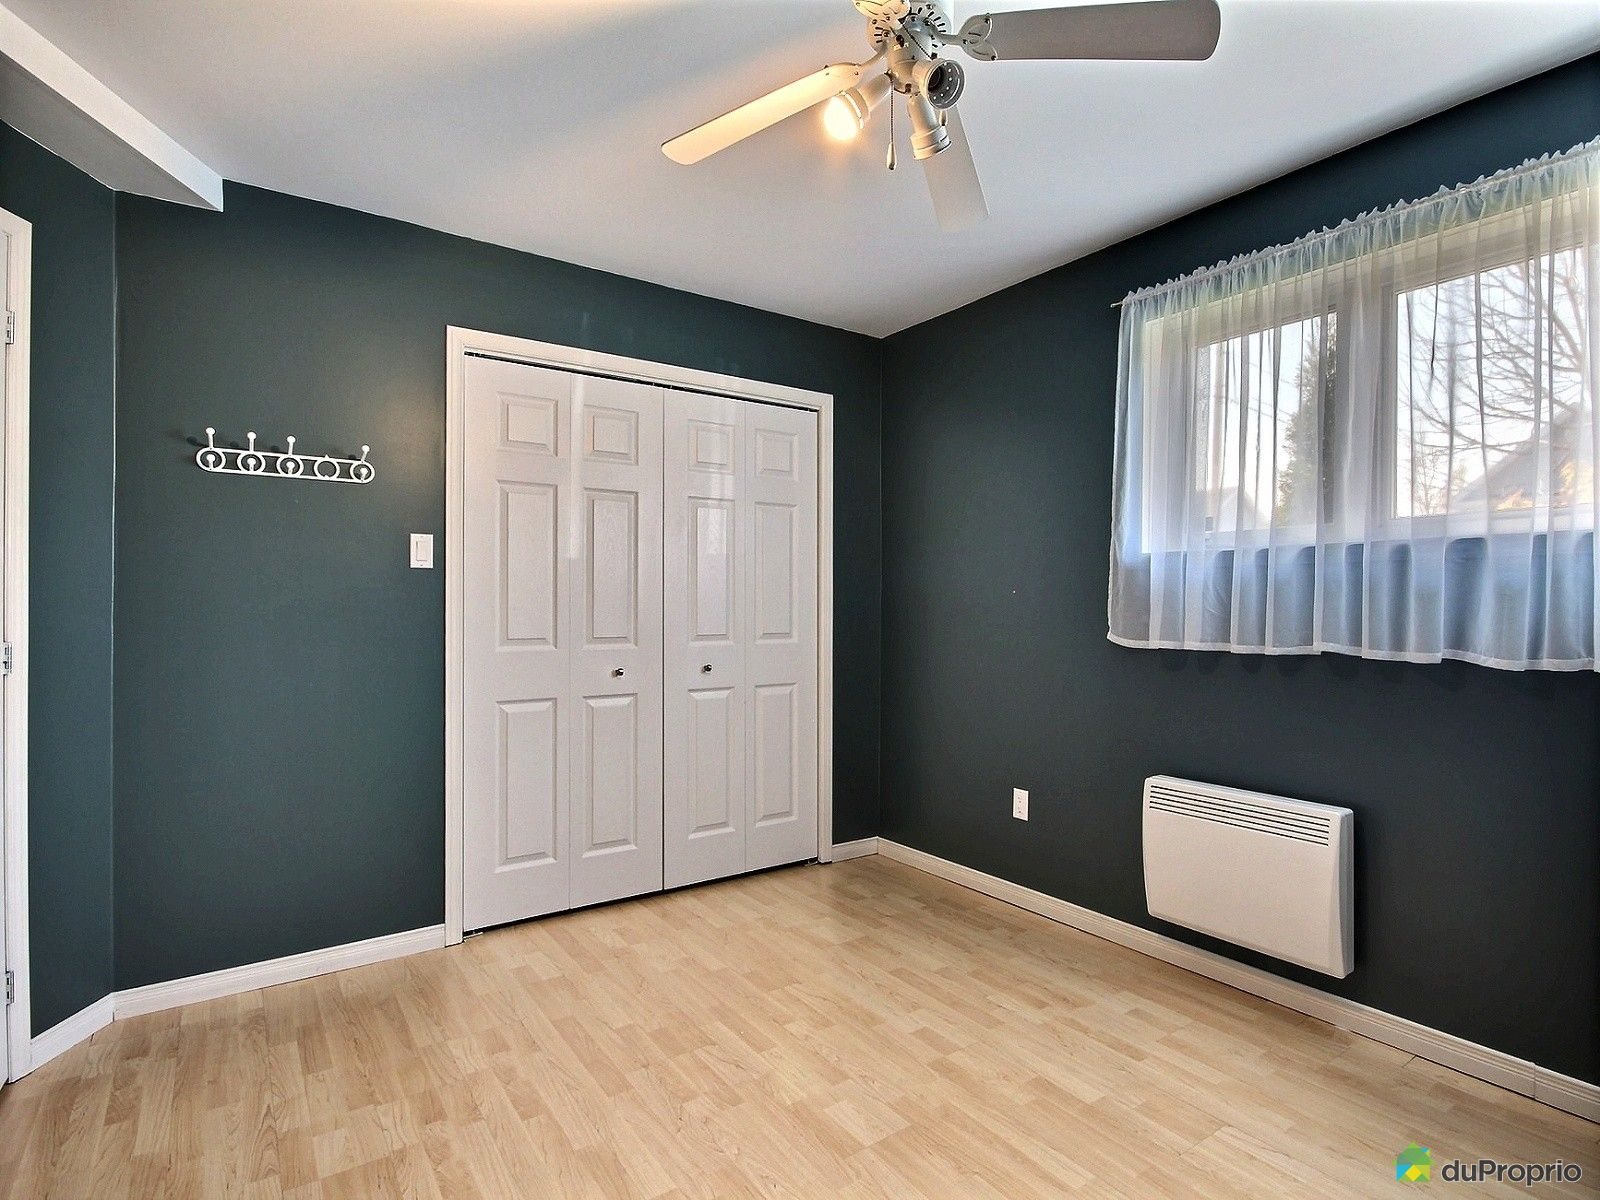 Maison vendre neufchatel 9880 rue de chamerolles for Immobilier chambre sans fenetre